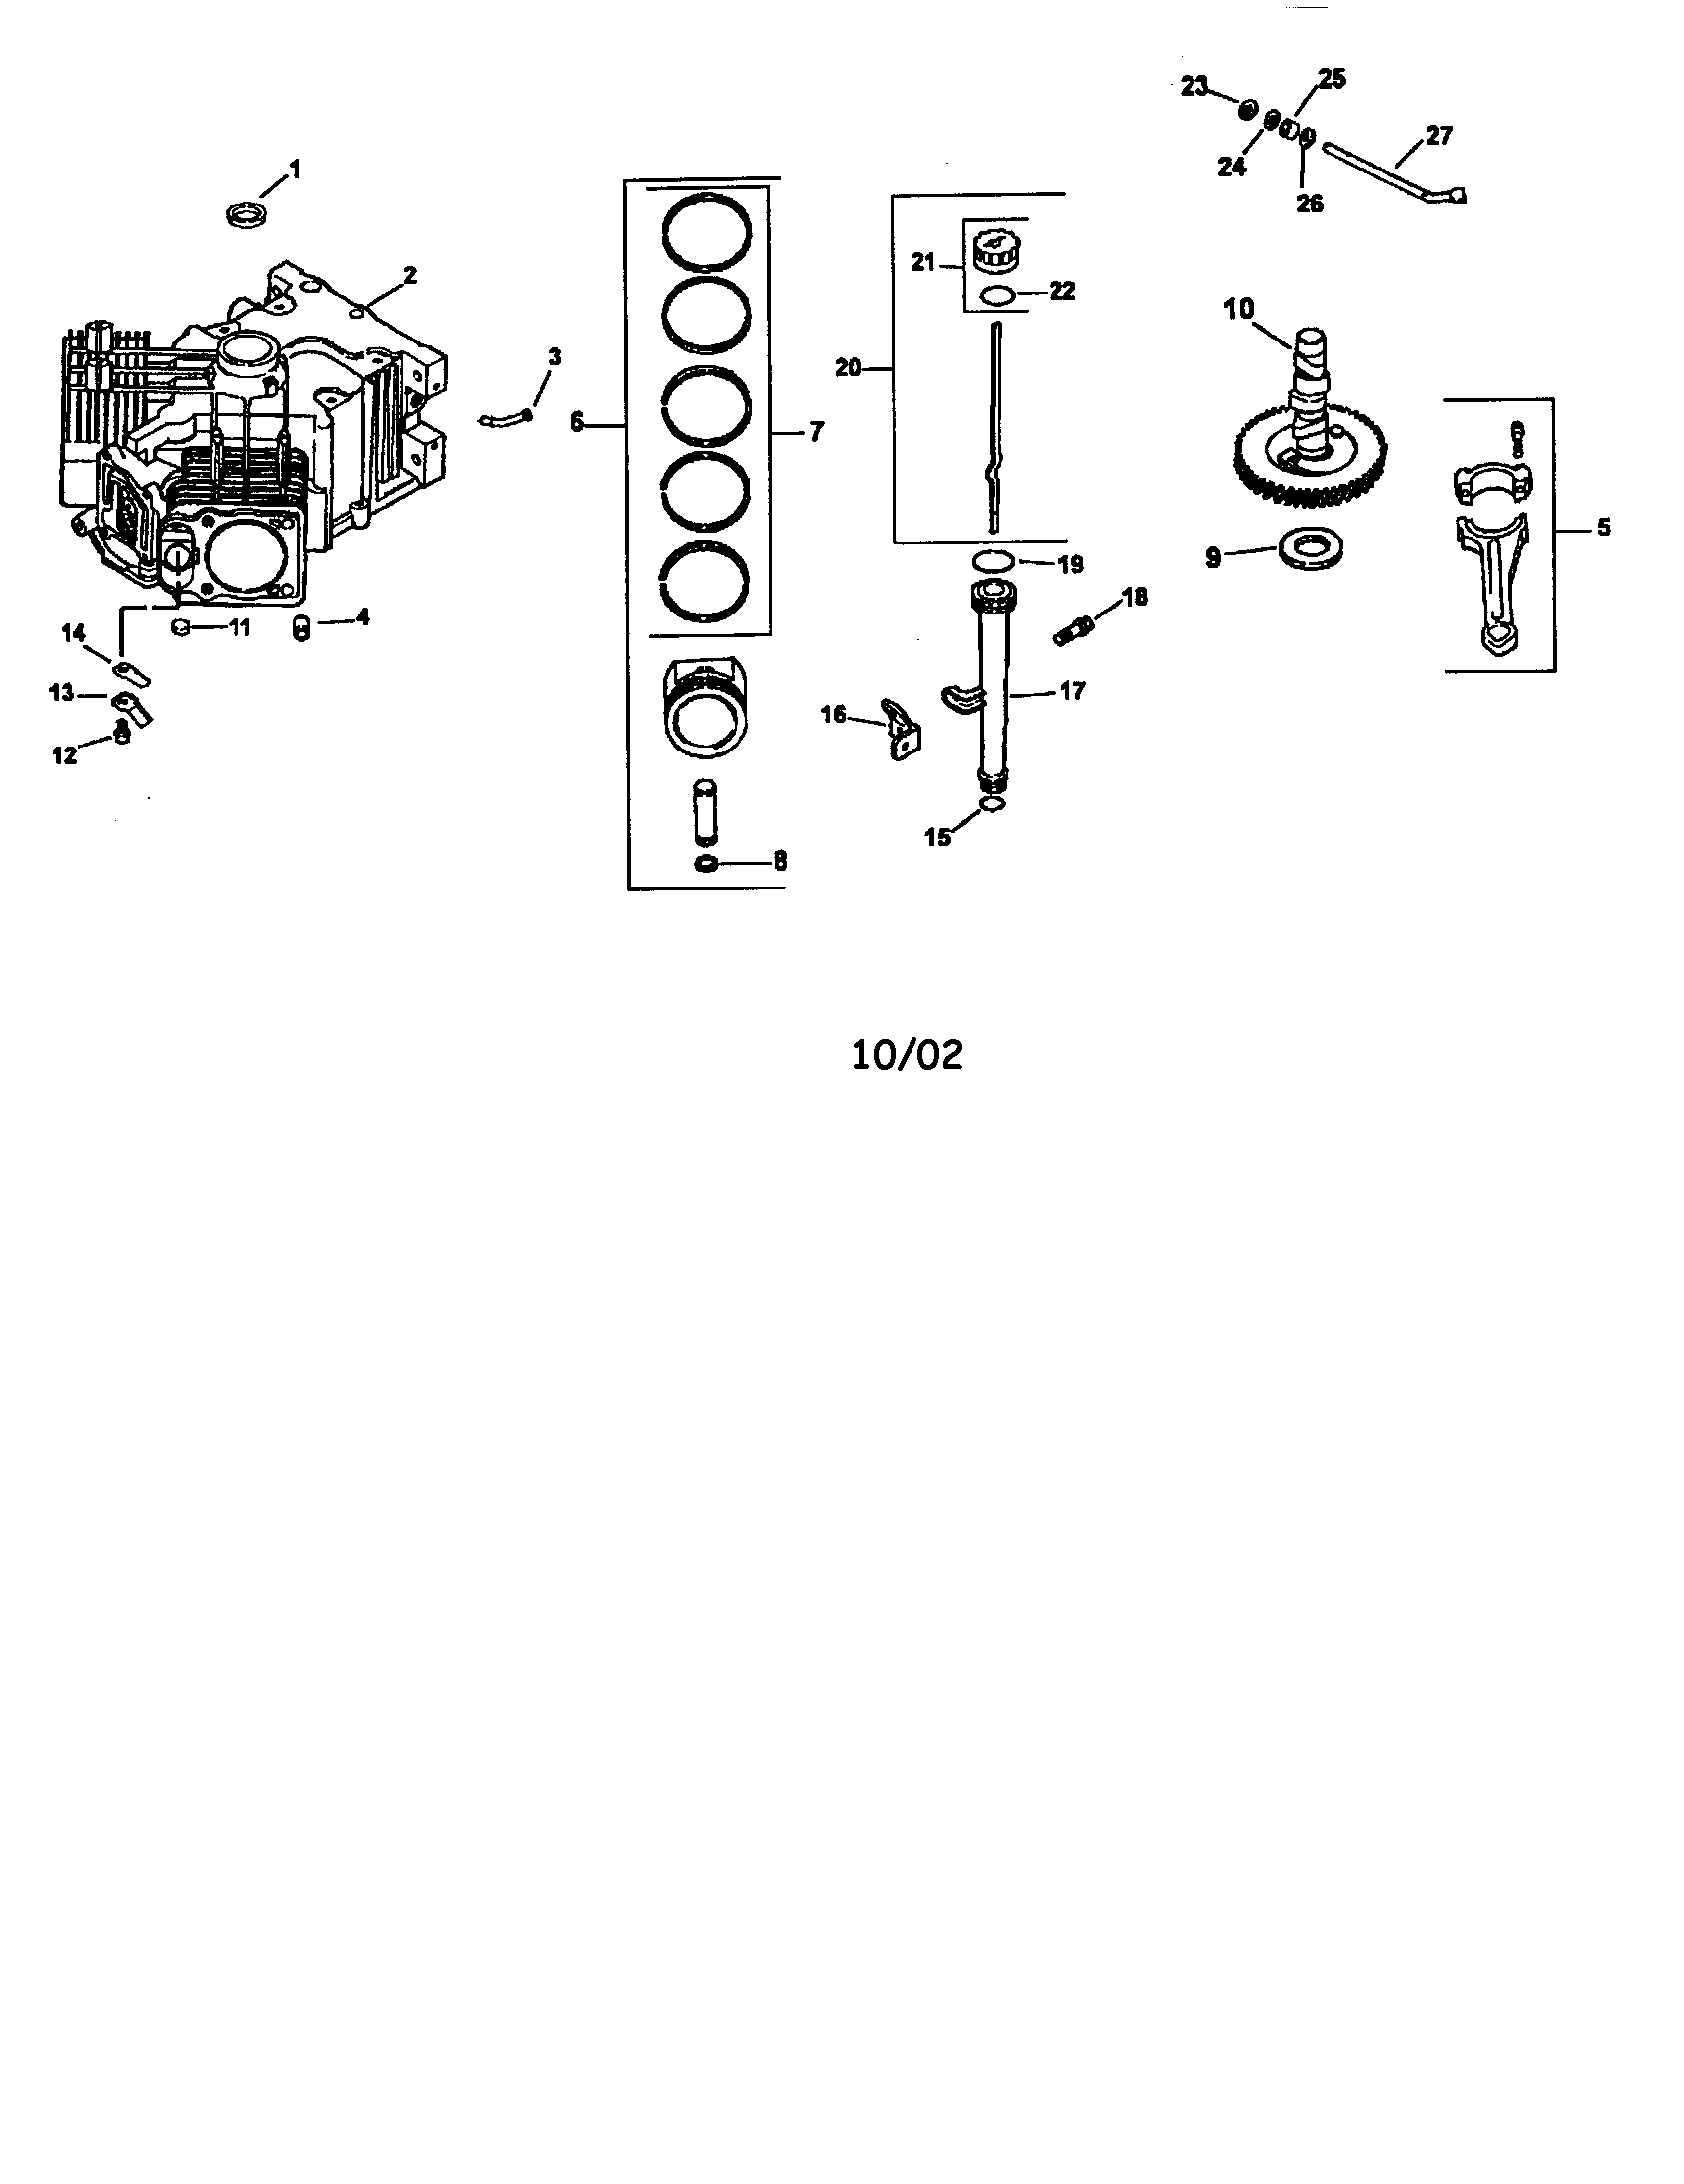 Kohler model CV624-65578 engine genuine parts